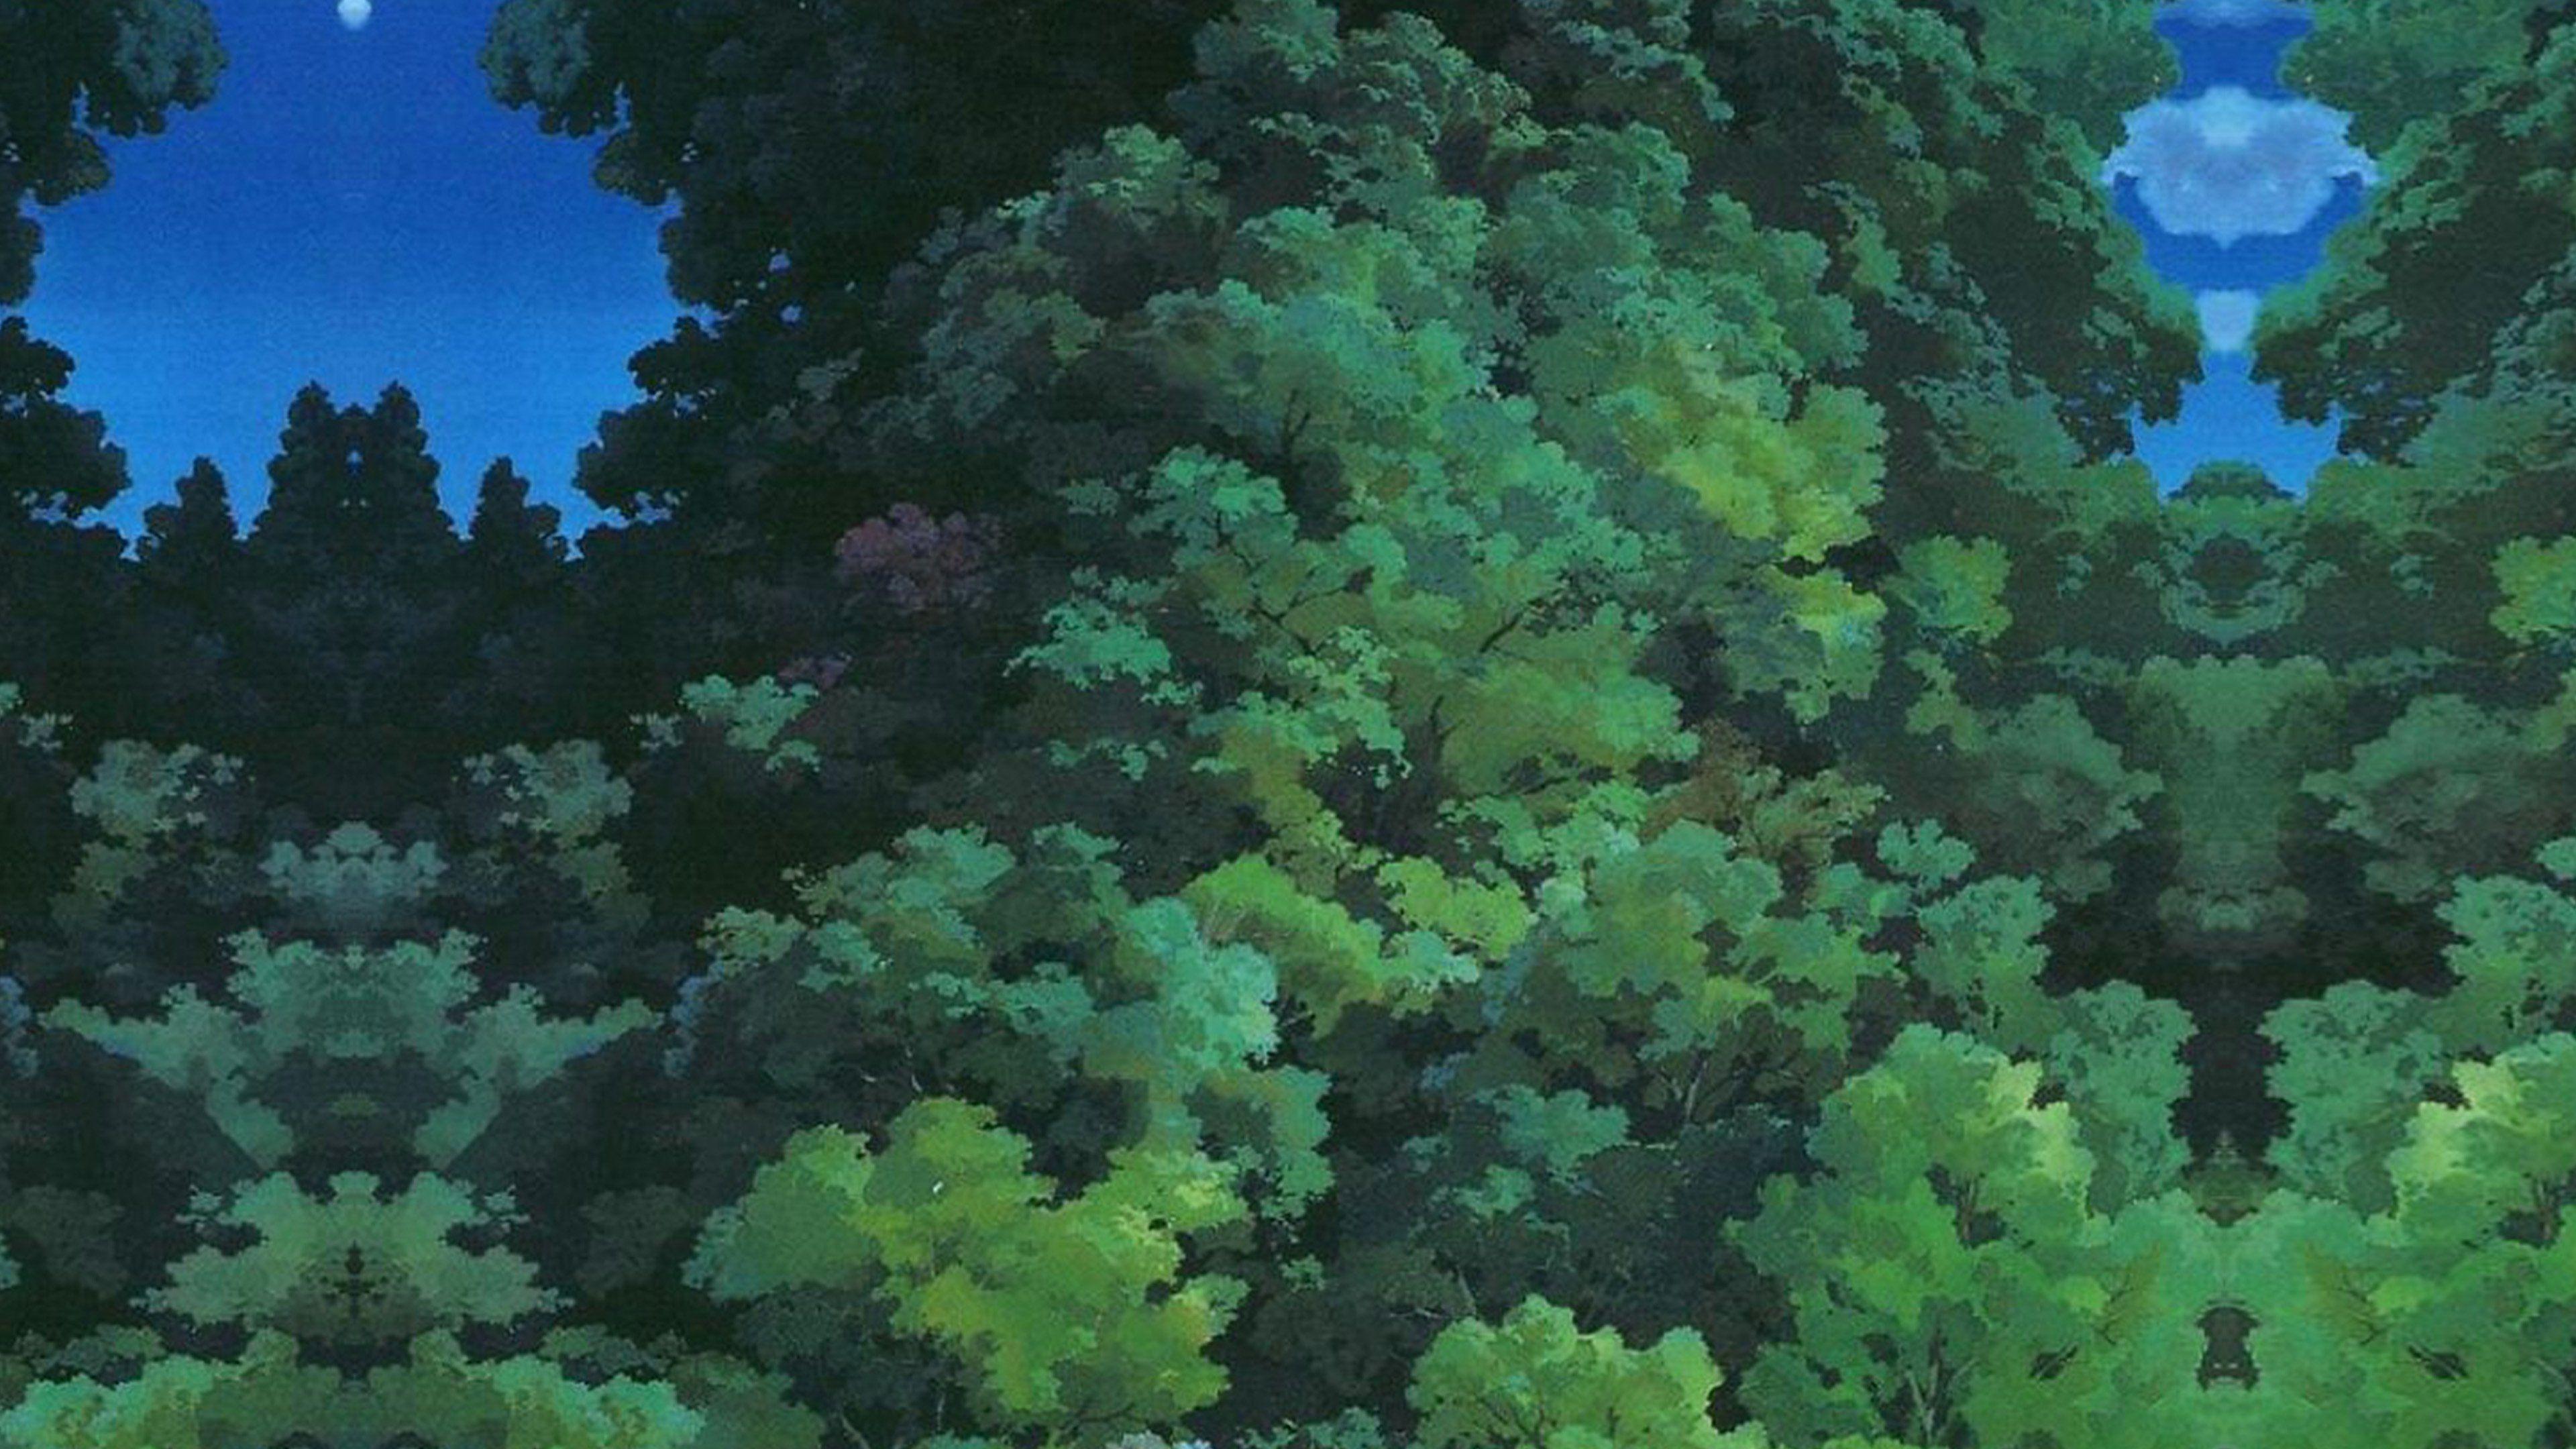 3840x2160 Studio Ghibli Tree Hình minh họa nghệ thuật xanh Love Anime Wallpaper